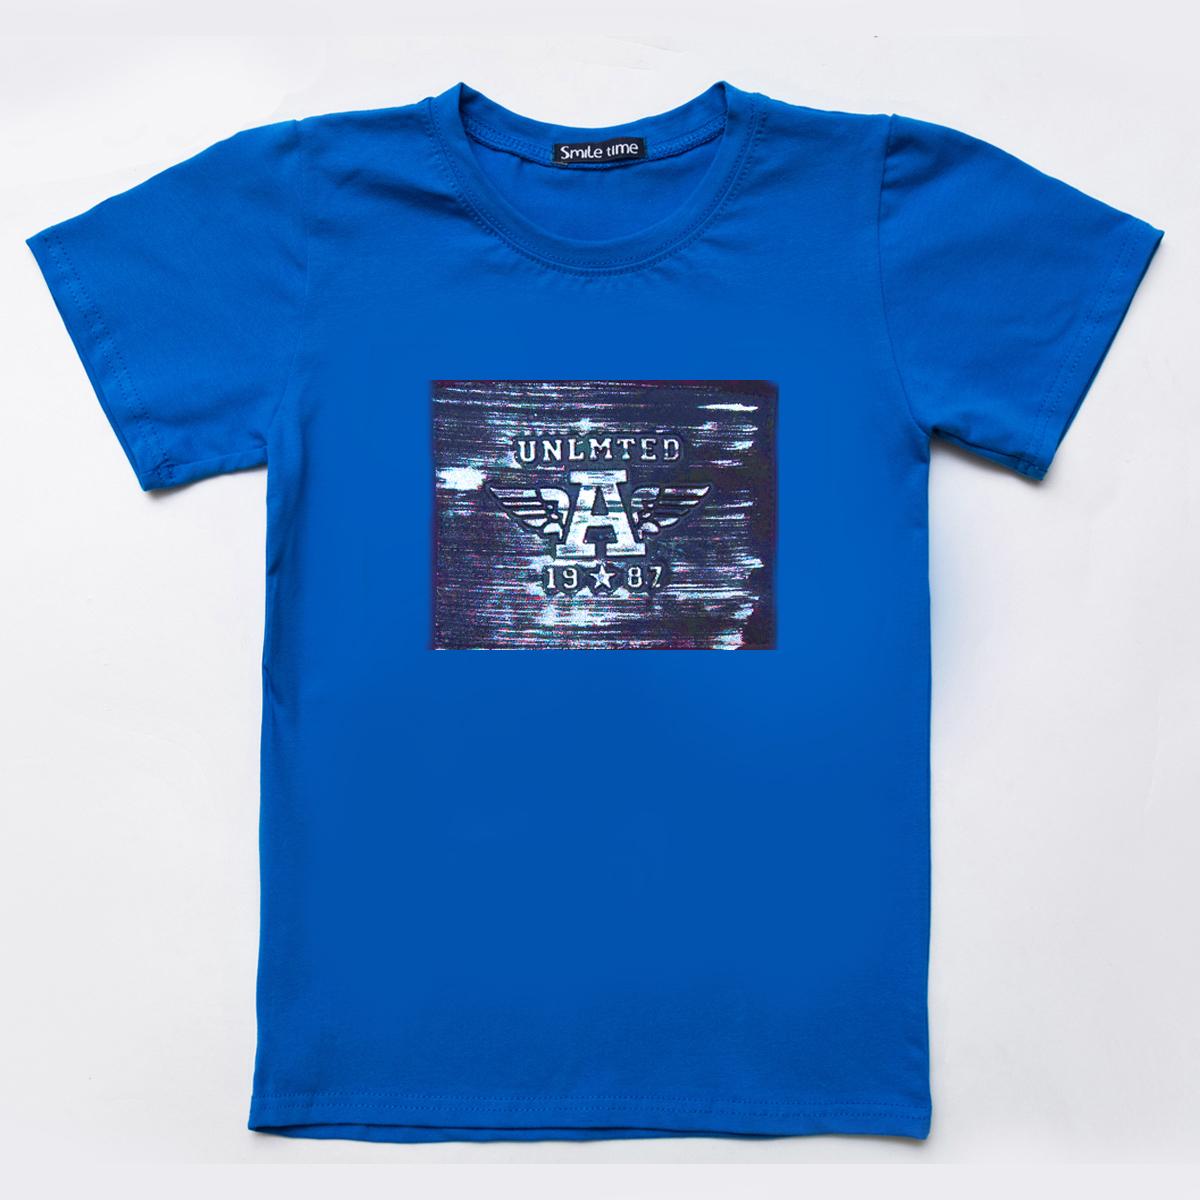 Футболка SmileTime детская для мальчика Unlimited, синий